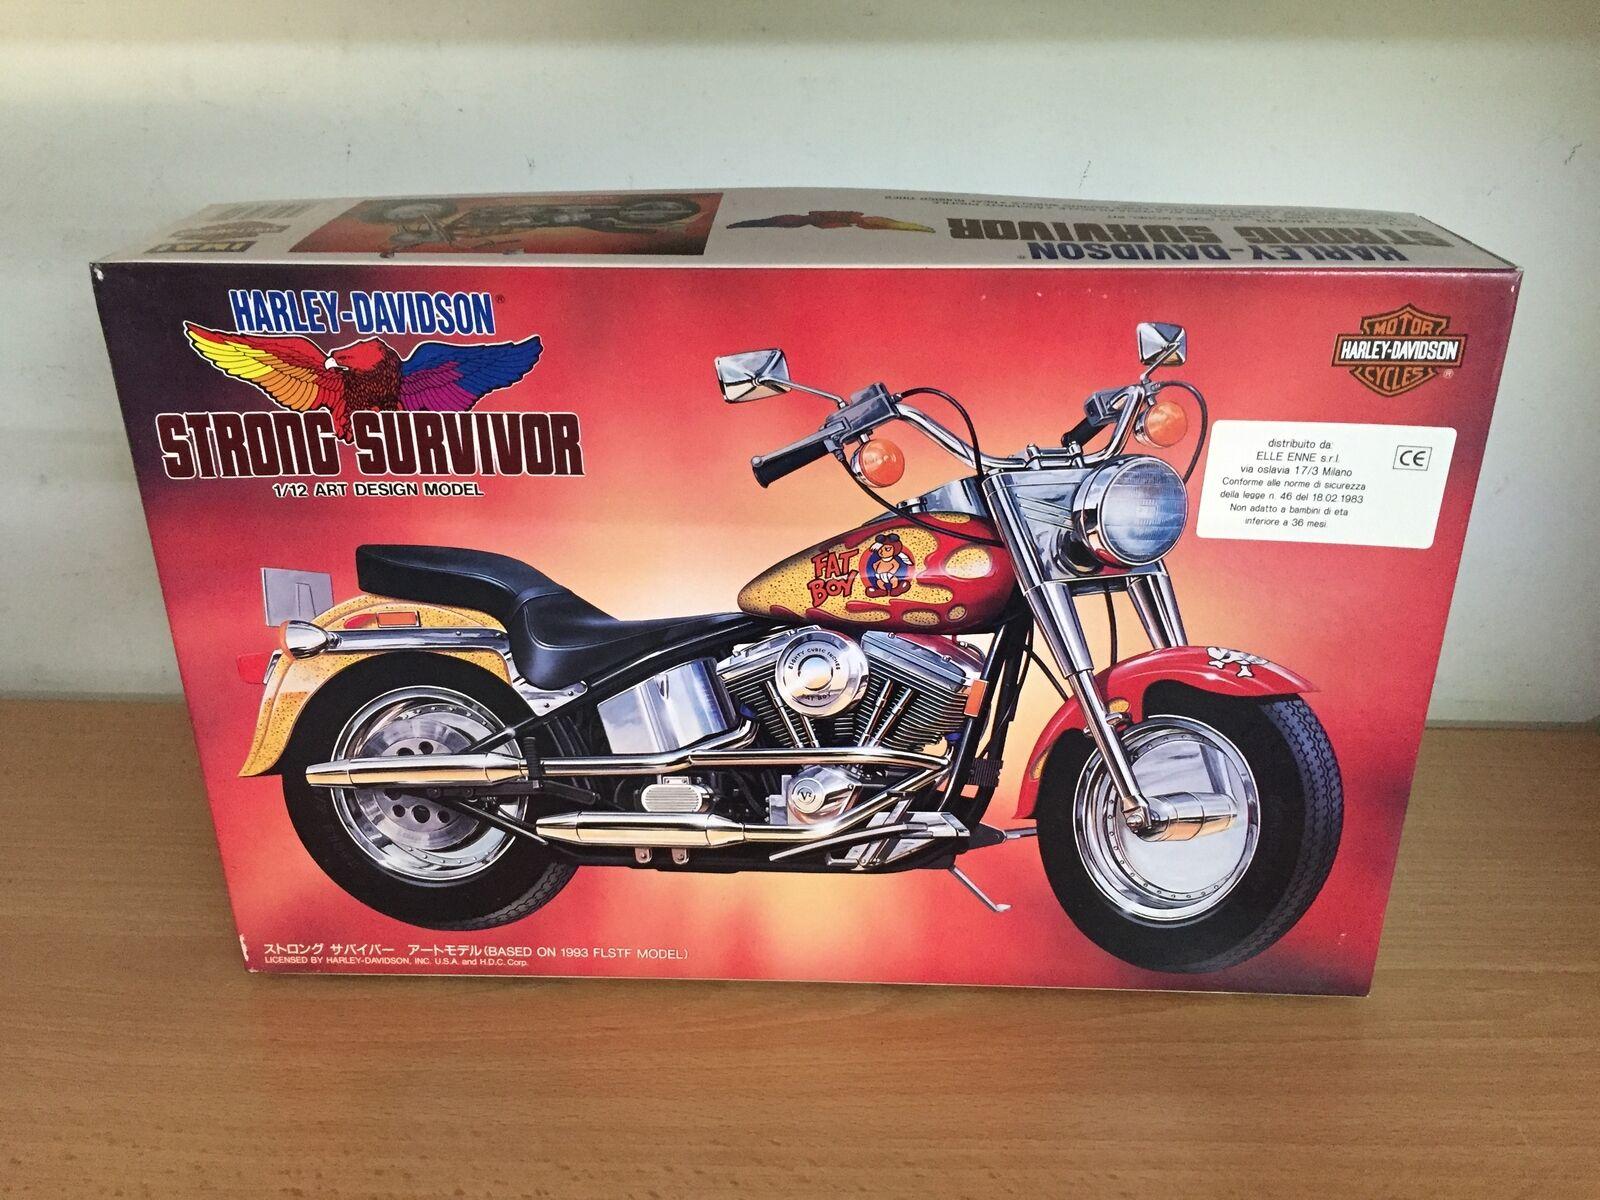 risparmiare fino all'80% Imai Kit di di di Montaggio 1 12 Harley Davidson STRONG SURVIVOR MIB, 1994 Japan  moda